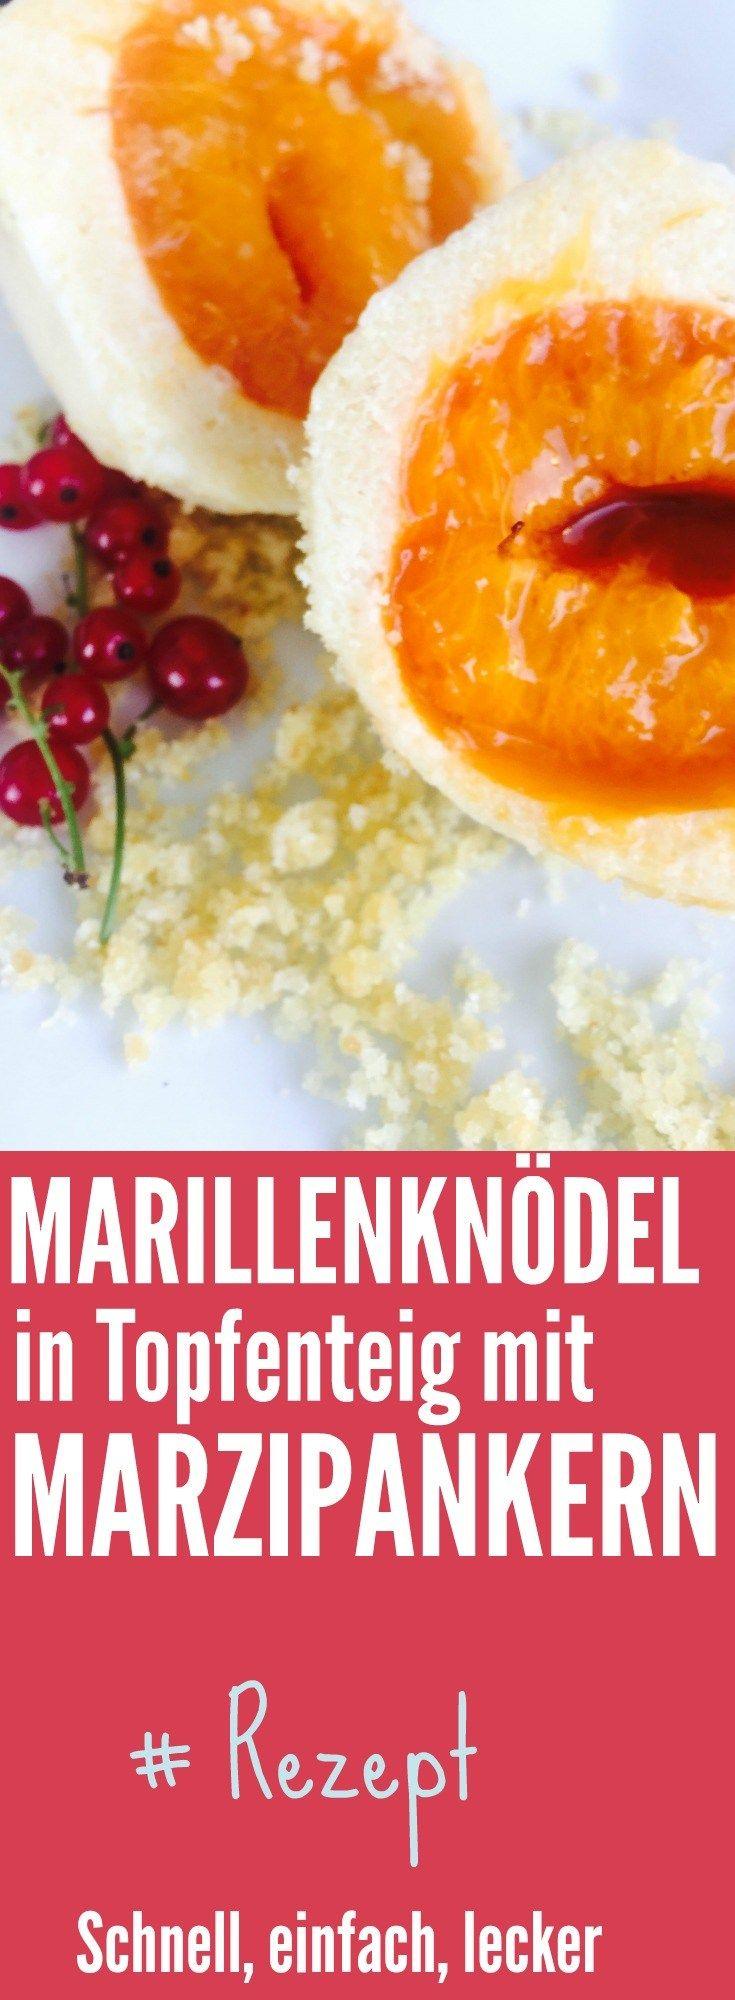 """Wir Österreicher haben das mit den Süßspeisen einfach drauf. Salzburger Nockerl, Scheiterhaufen, Besoffener Kapuziner, einfacher Käsekuchen: Süß? Das können wir! Und Knödel können wir erst recht. Was liegt also näher, als hier auf """"Einer schreit immer"""" die besten österreichischen Rezepte zu posten?"""